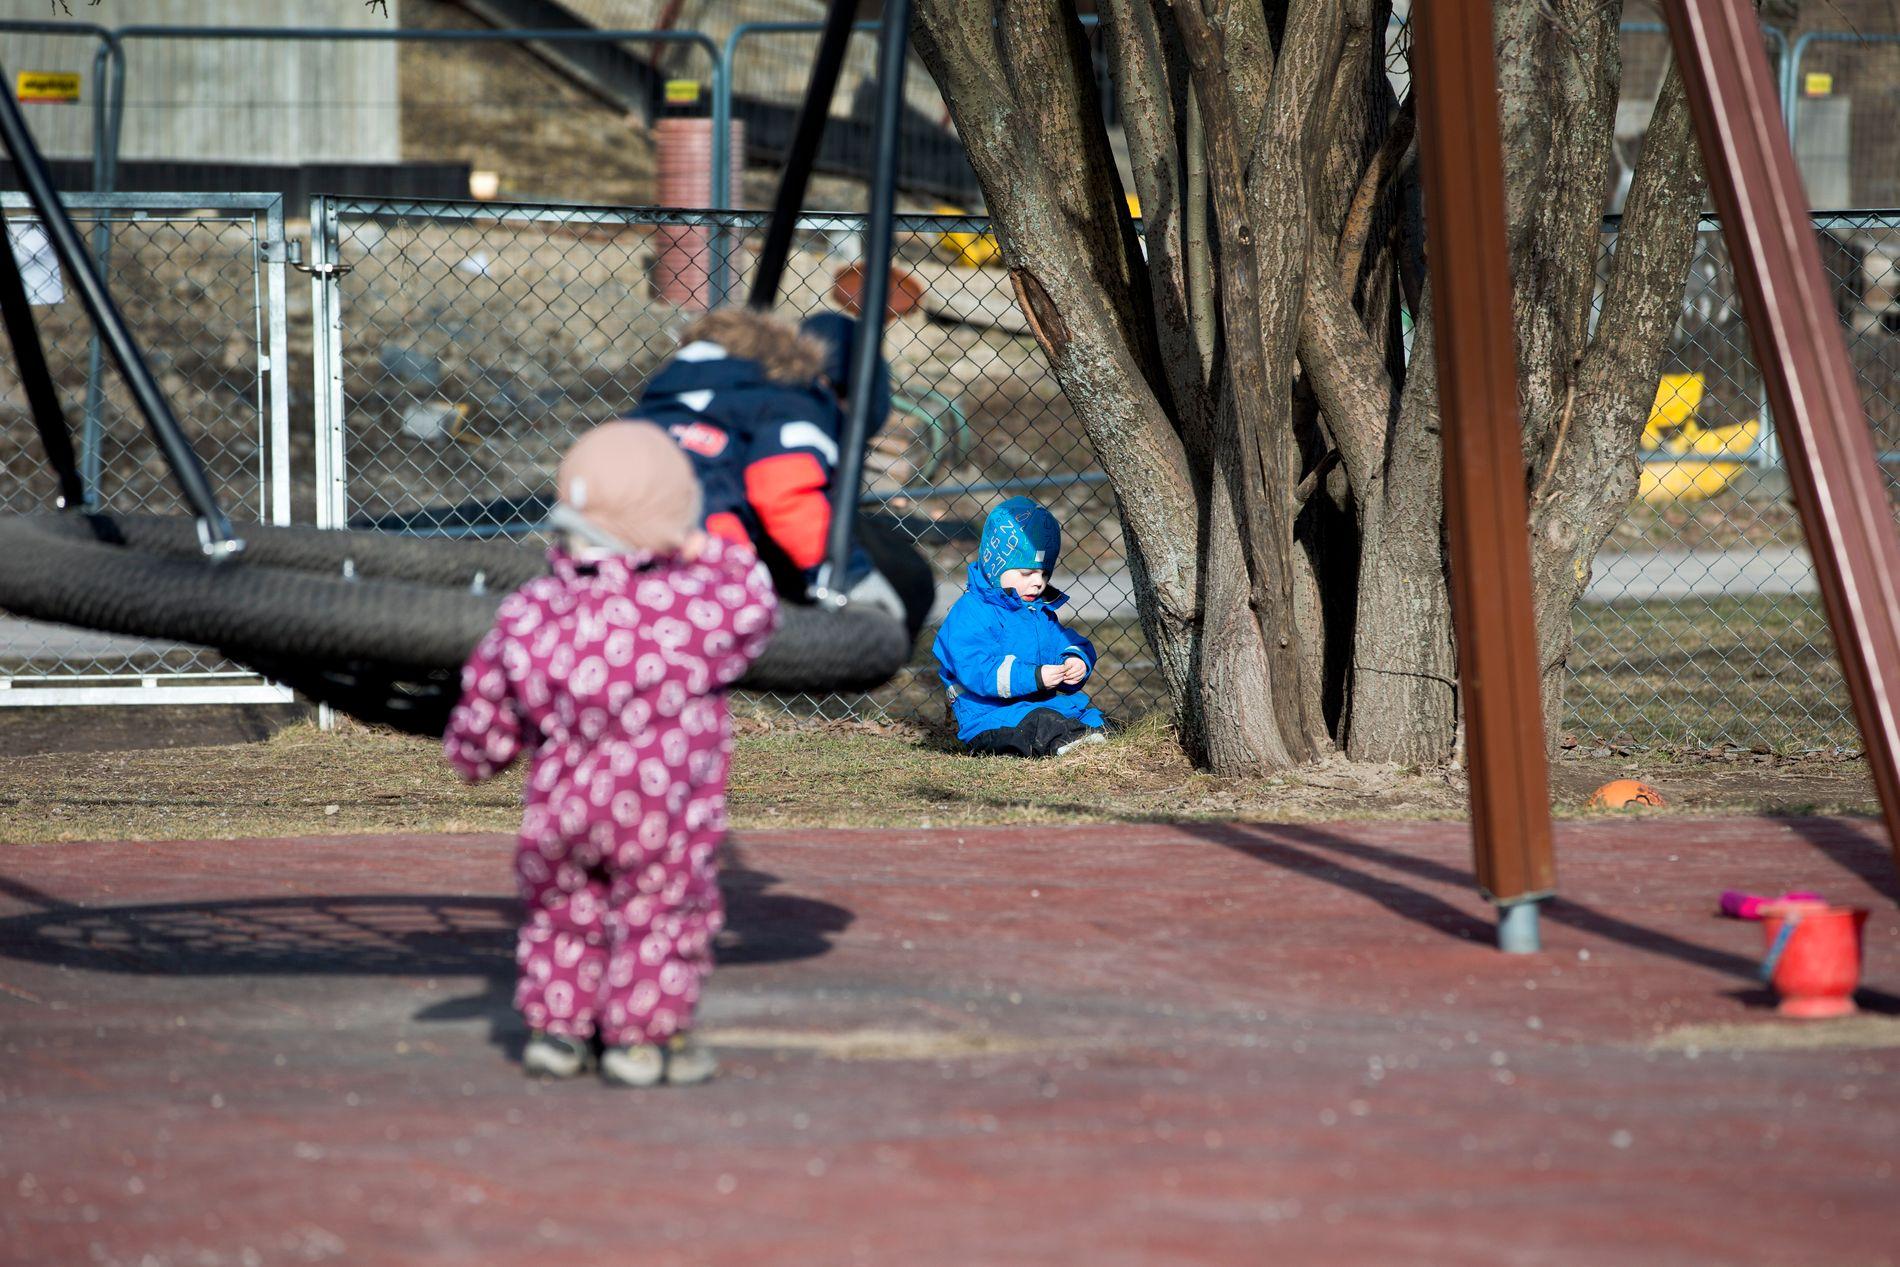 SAVNER MER INITIATIV: Forskerne mener barnehagepersonell bør bli mer aktive og invitere barn til utforskning og utfordring av egne ferdigheter og forståelser.